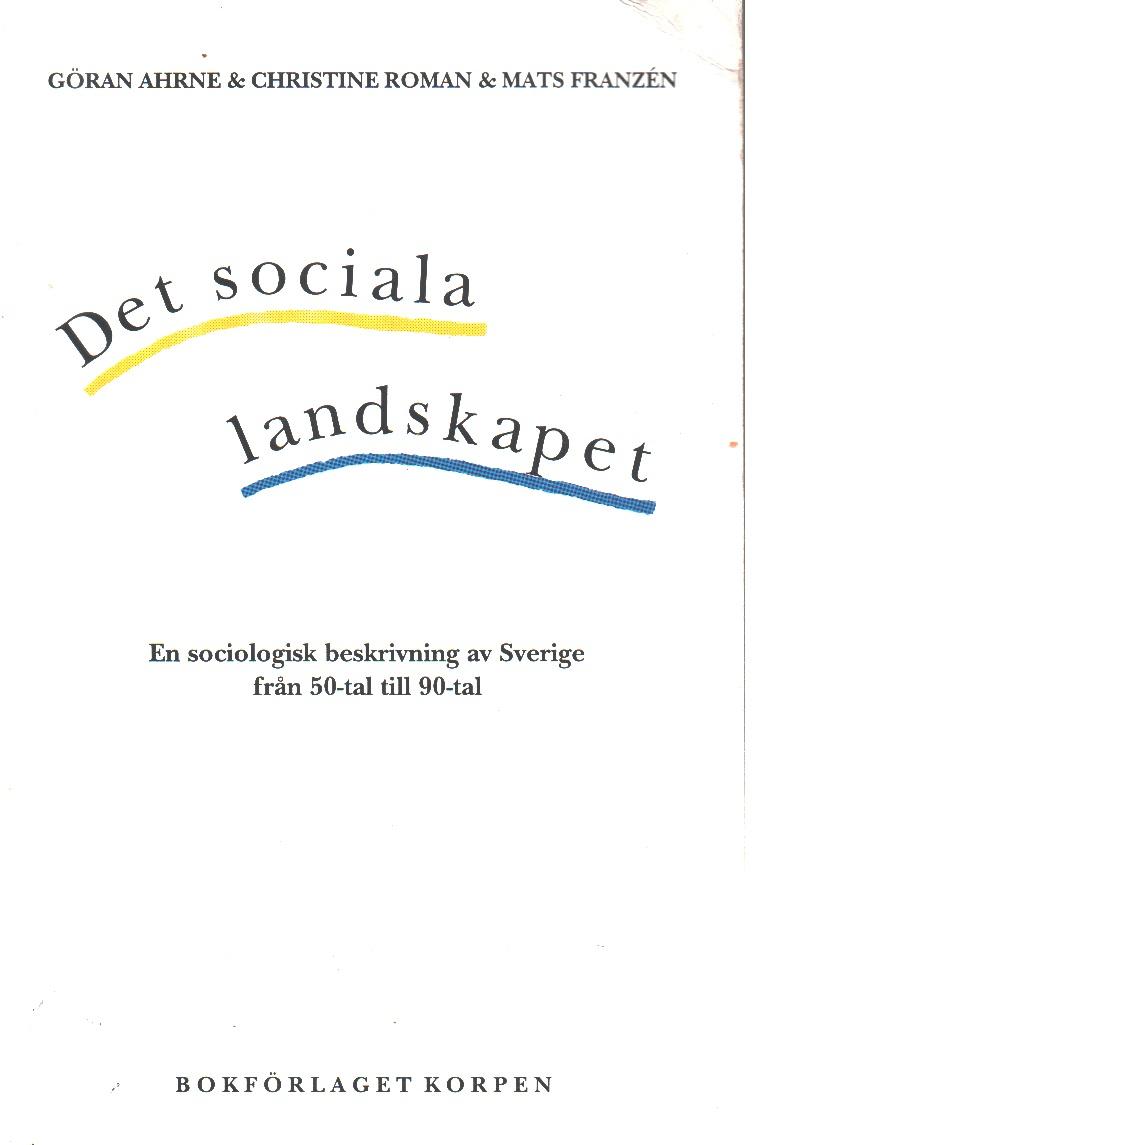 Det sociala landskapet : en sociologisk beskrivning av Sverige från 50-tal till 90-tal - Ahrne, Göran och Roman, Christine samt Franzén, Mats